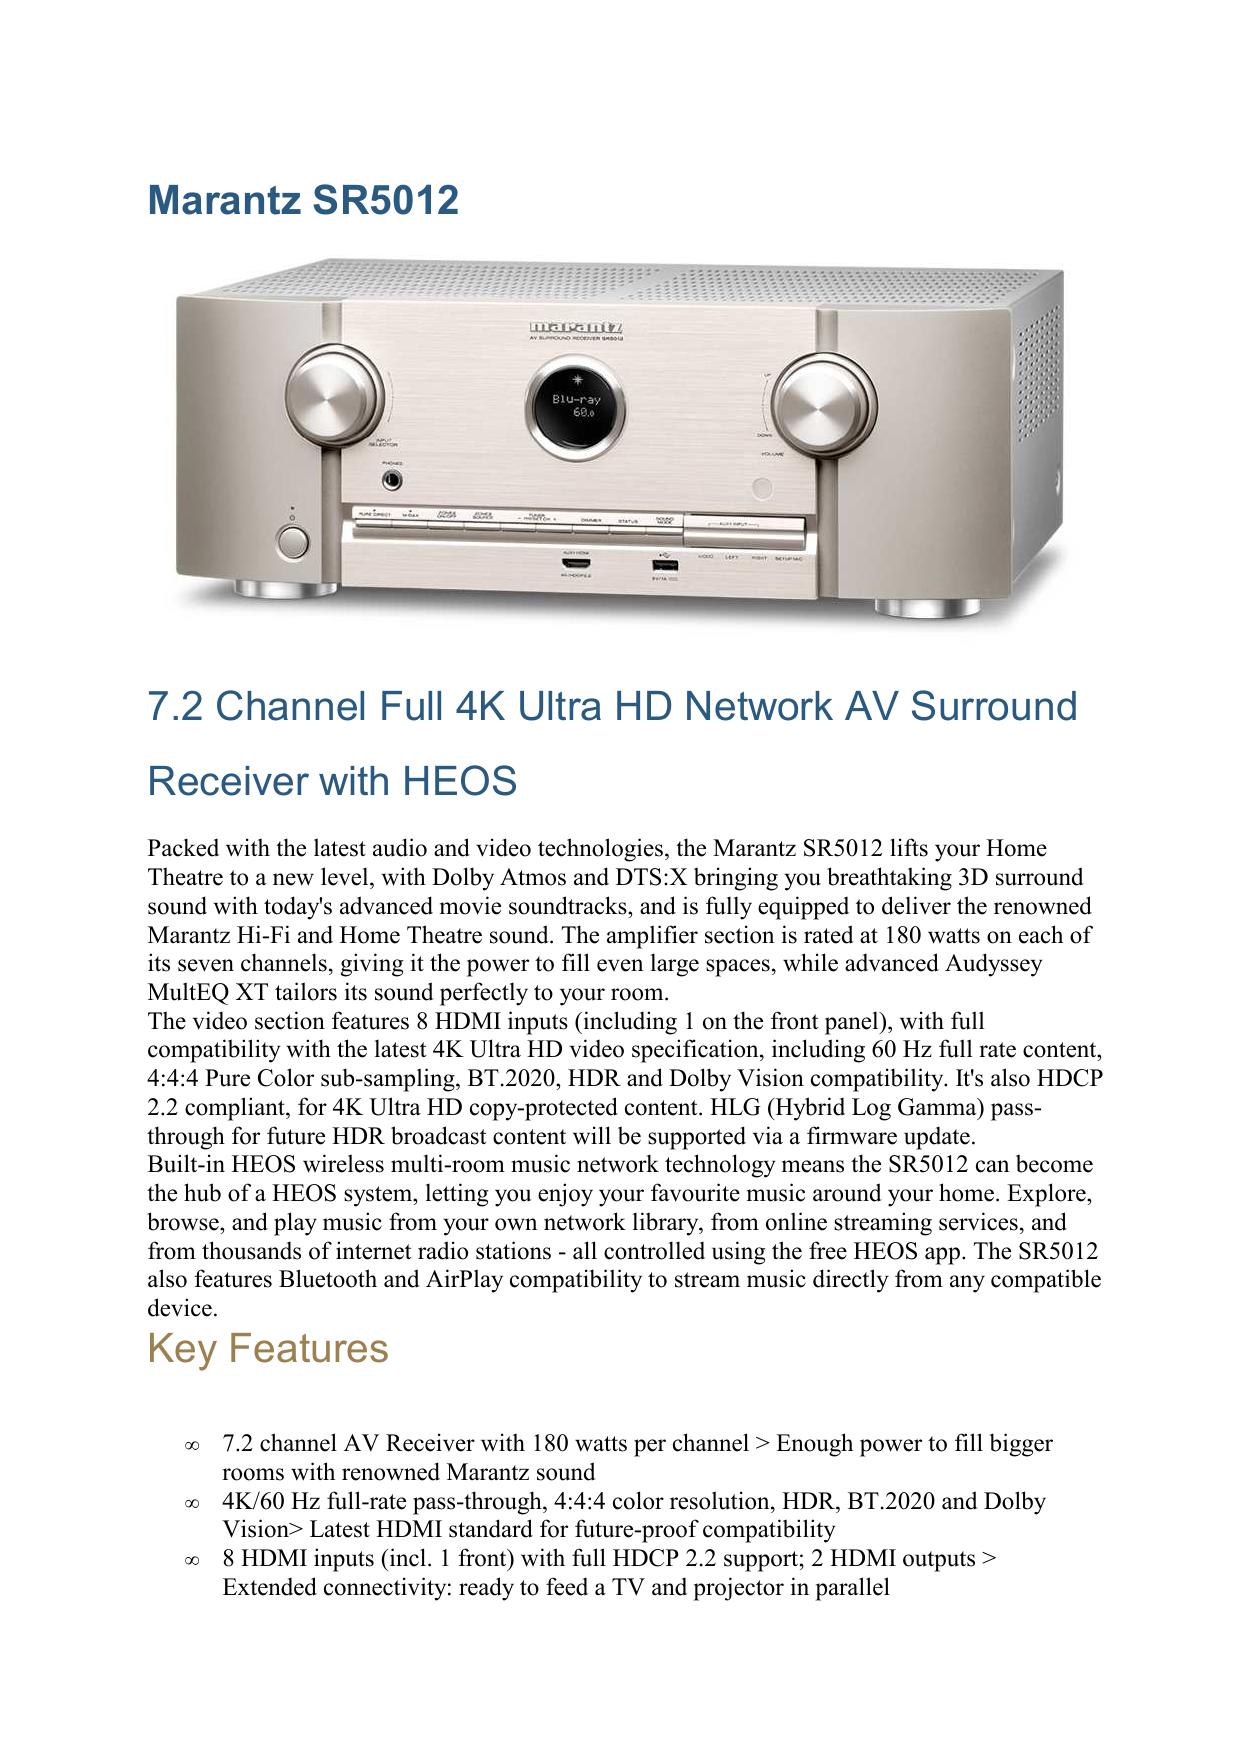 Marantz SR5012 7 2 Channel Full 4K Ultra HD Network AV | manualzz com